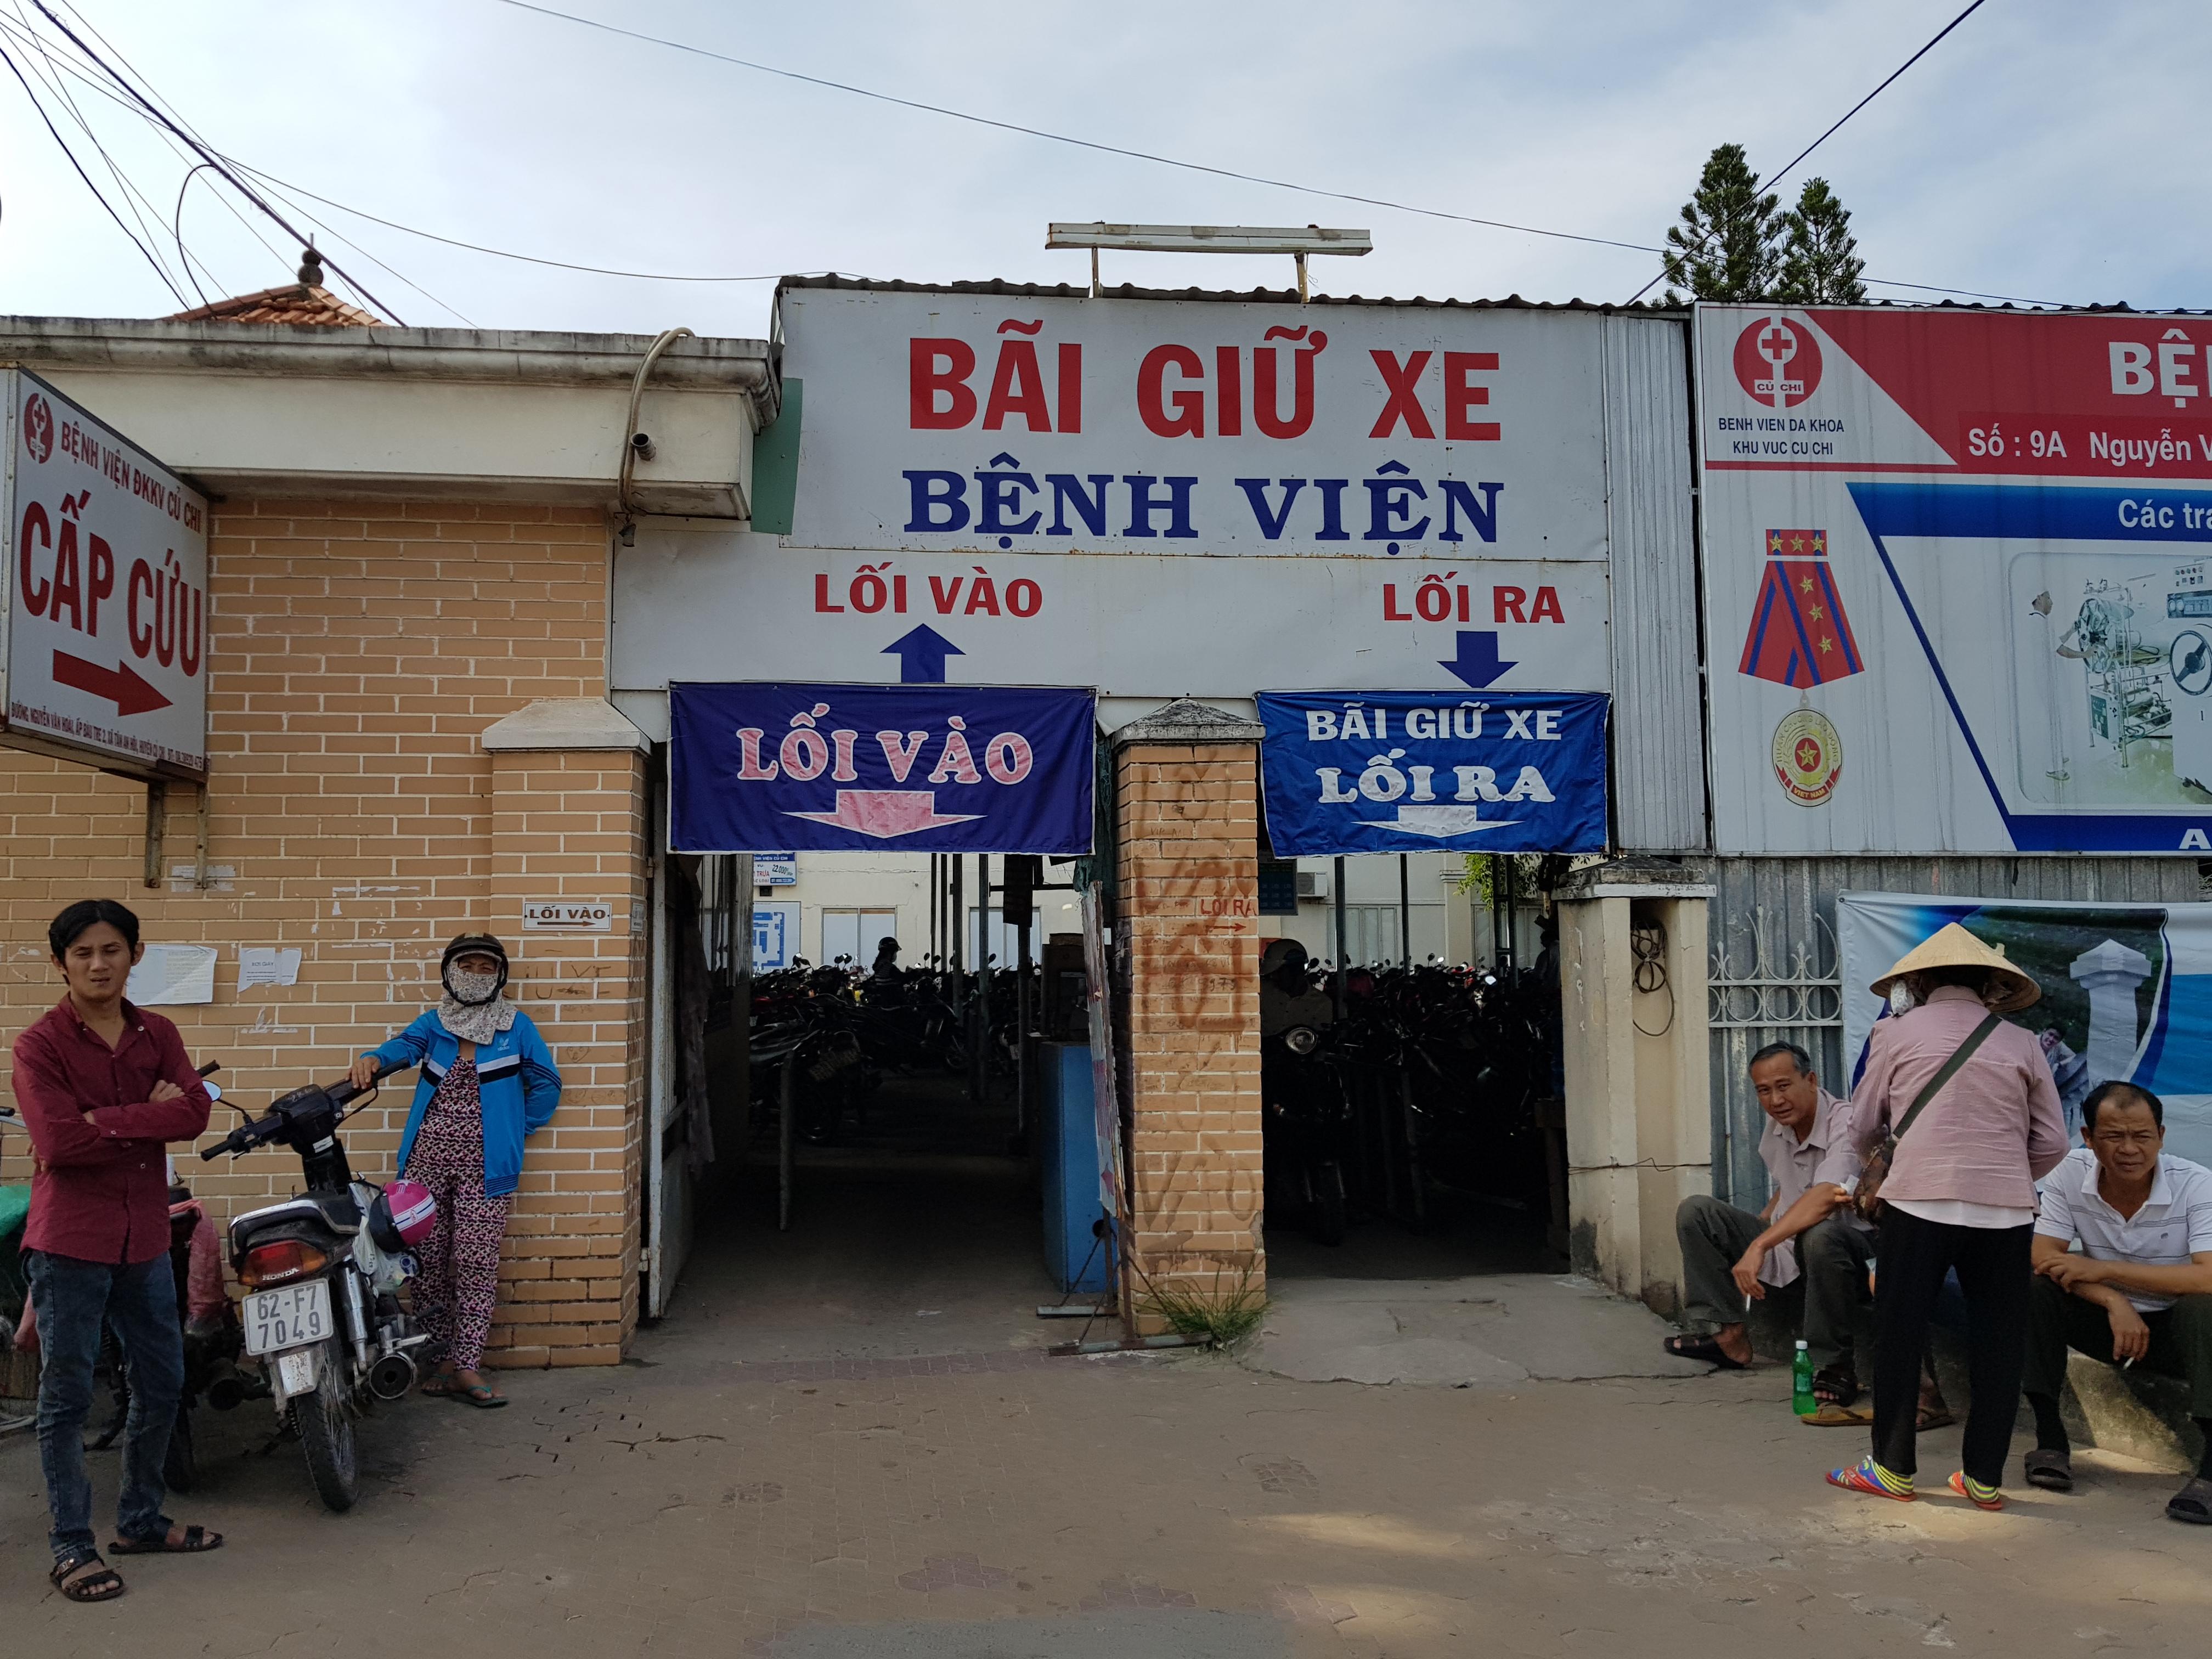 Bãi xe bệnh viện đa khoa huyện Củ Chi giữ xe quá giá quy định